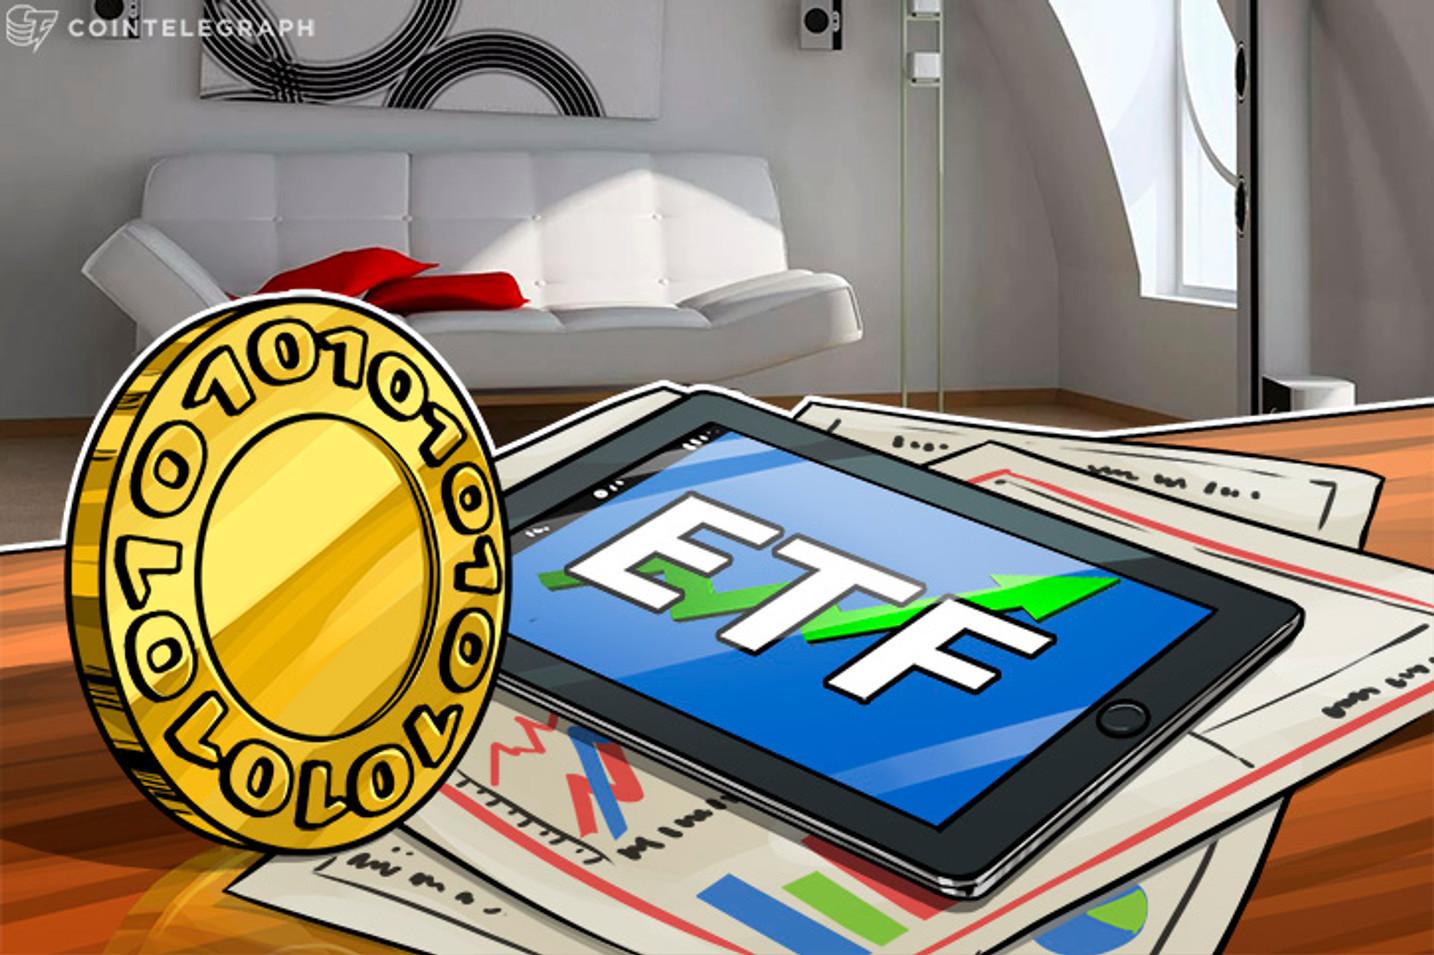 SEC: Fondovi zasnovani na kriptovalutama nisu spremni za regulativu